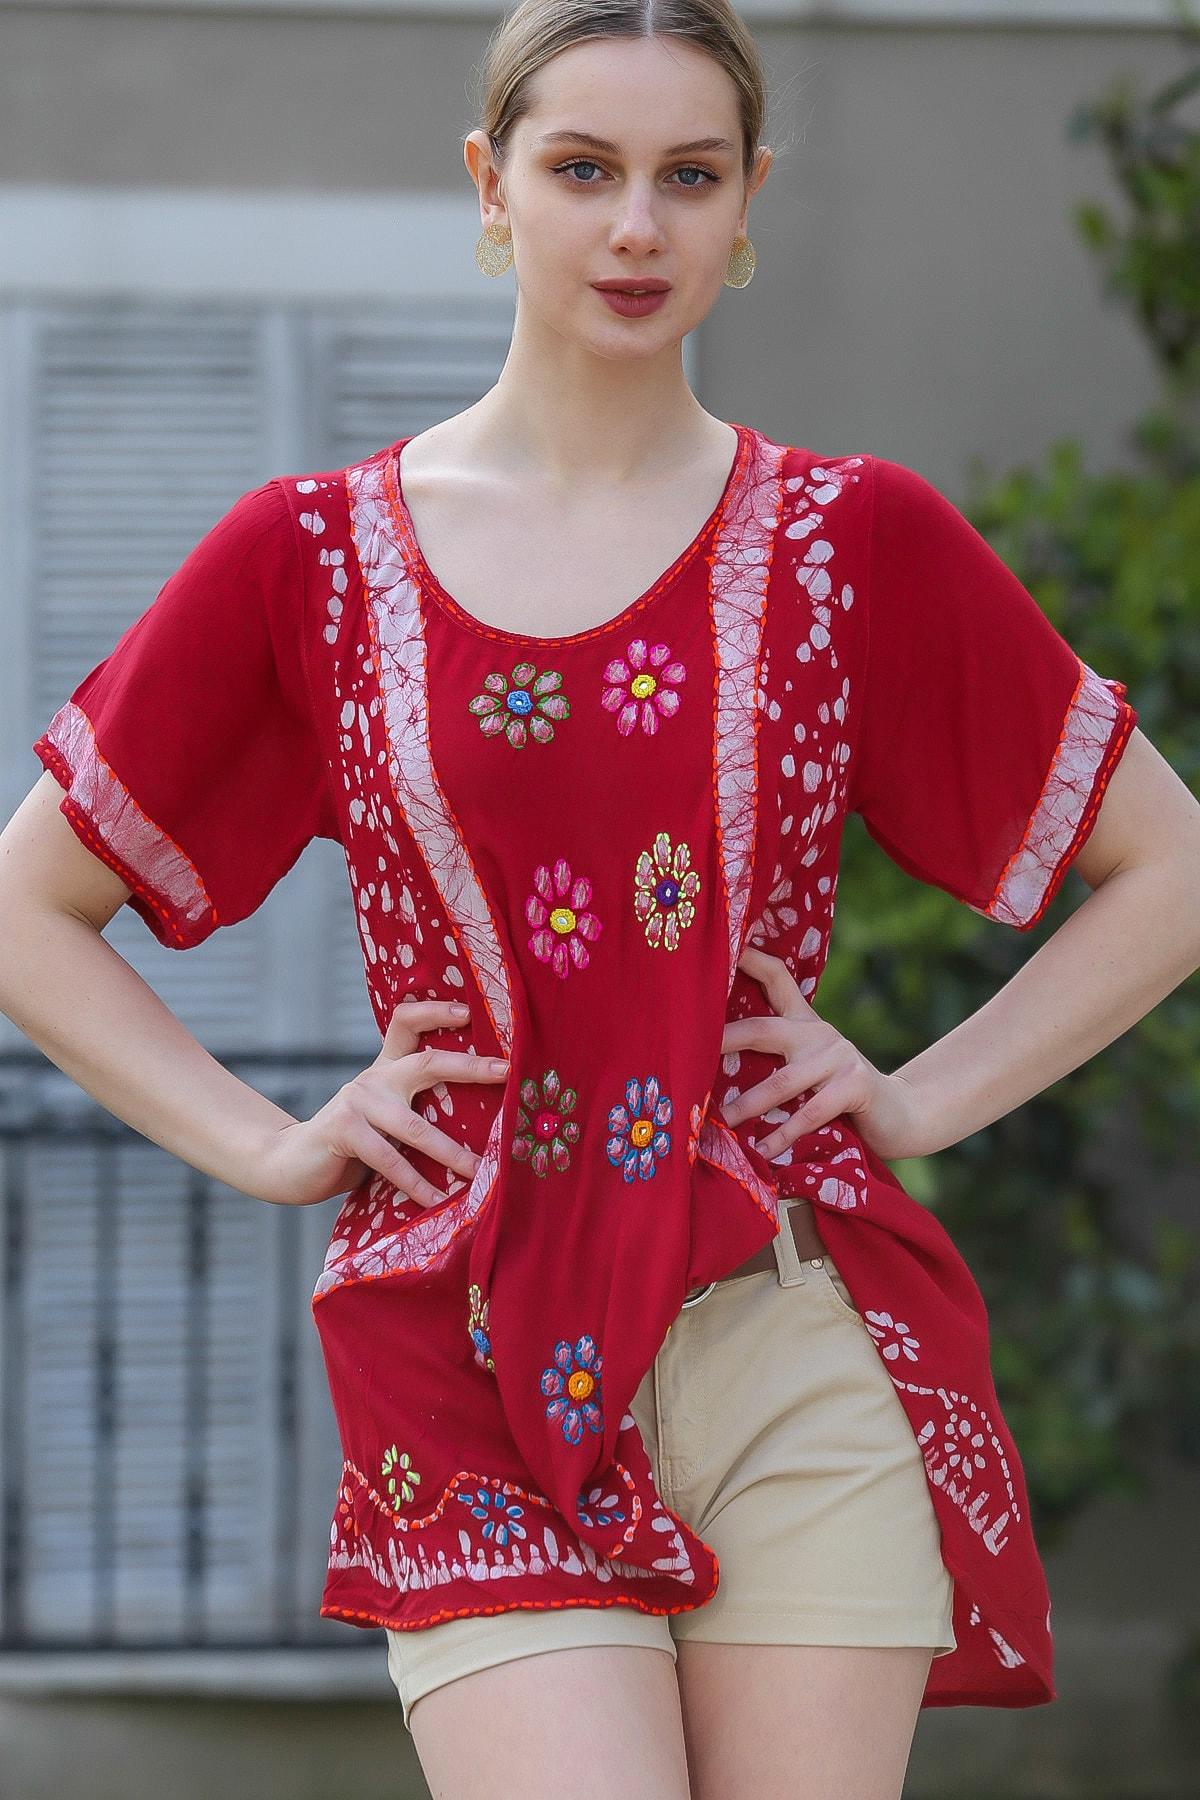 Chiccy Kadın Bordo U Yaka Çiçek Nakışlı Batik Desenli Salaş Tunik Bluz M10010200BL95380 0